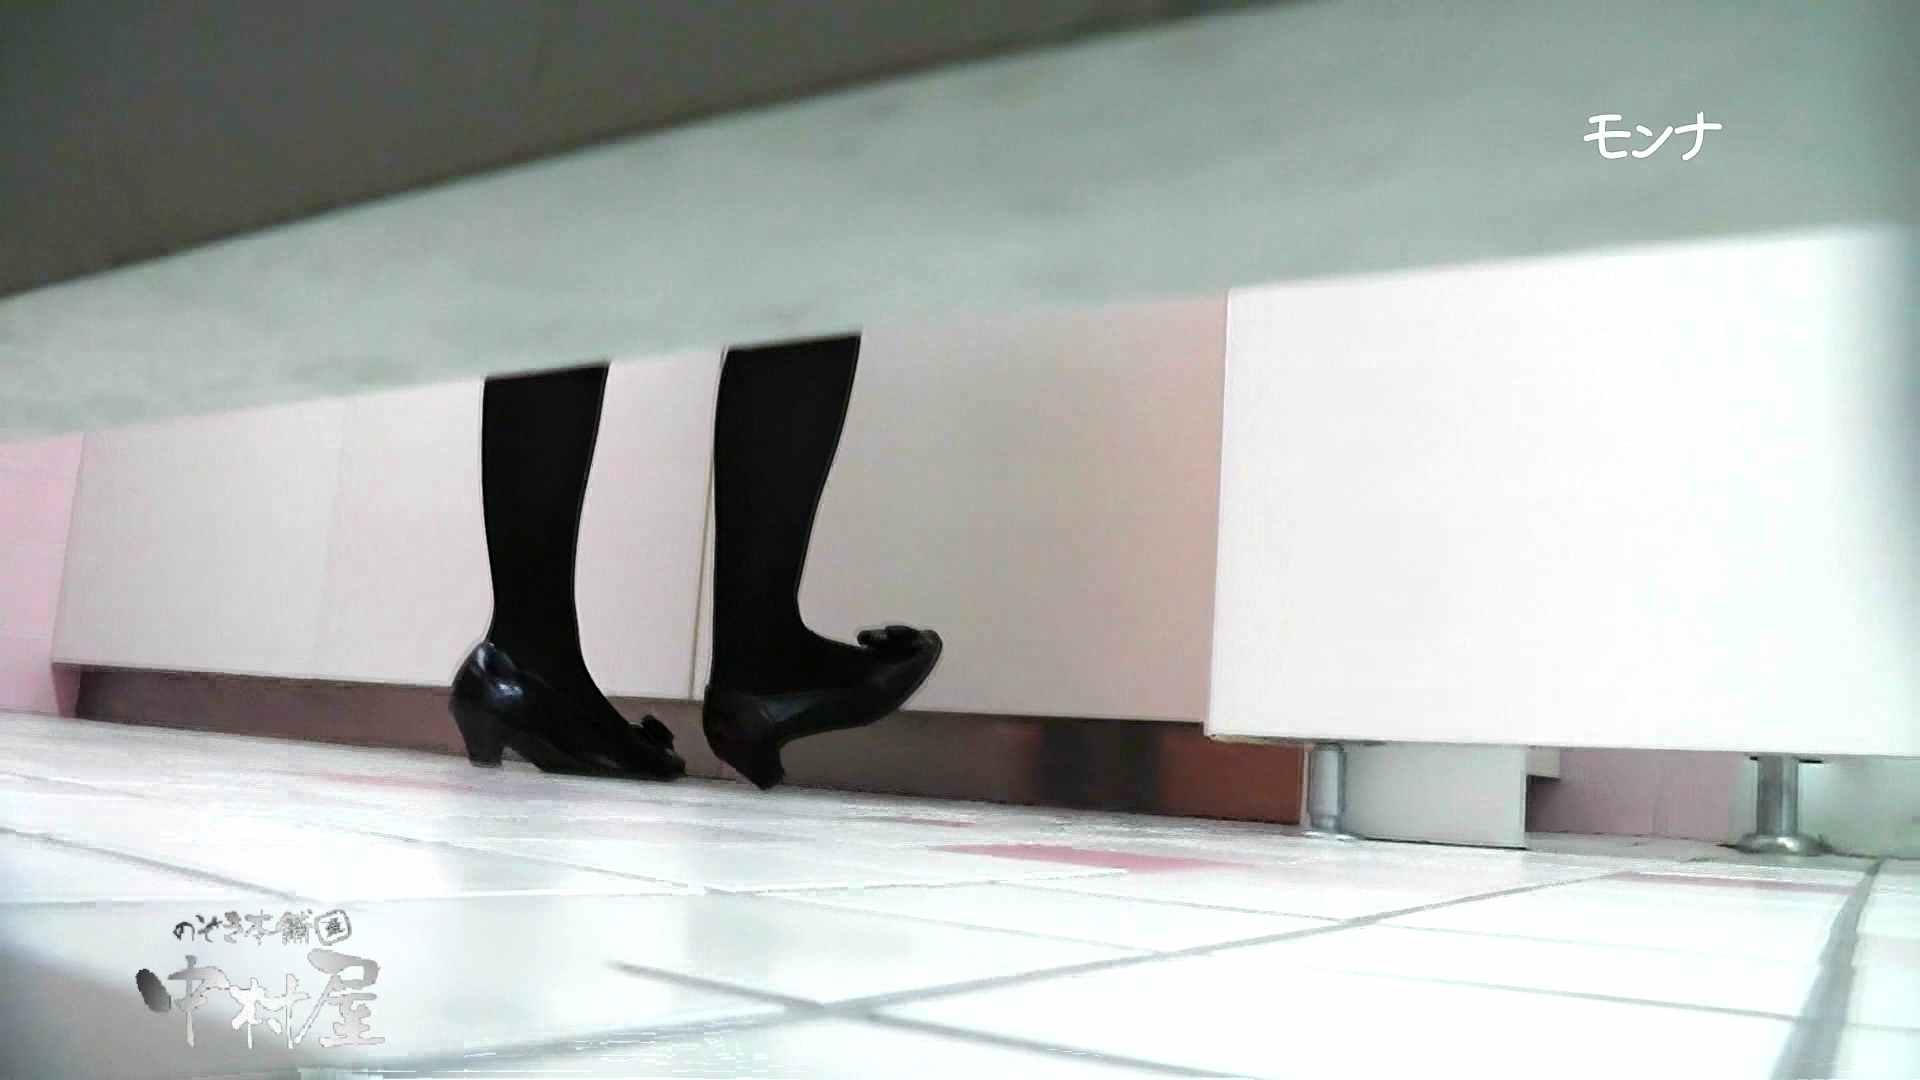 【美しい日本の未来】遂に!!戸田恵梨香似の予告モデル登場ダッシュで「大」後編 おまんこ見放題  101PIX 64